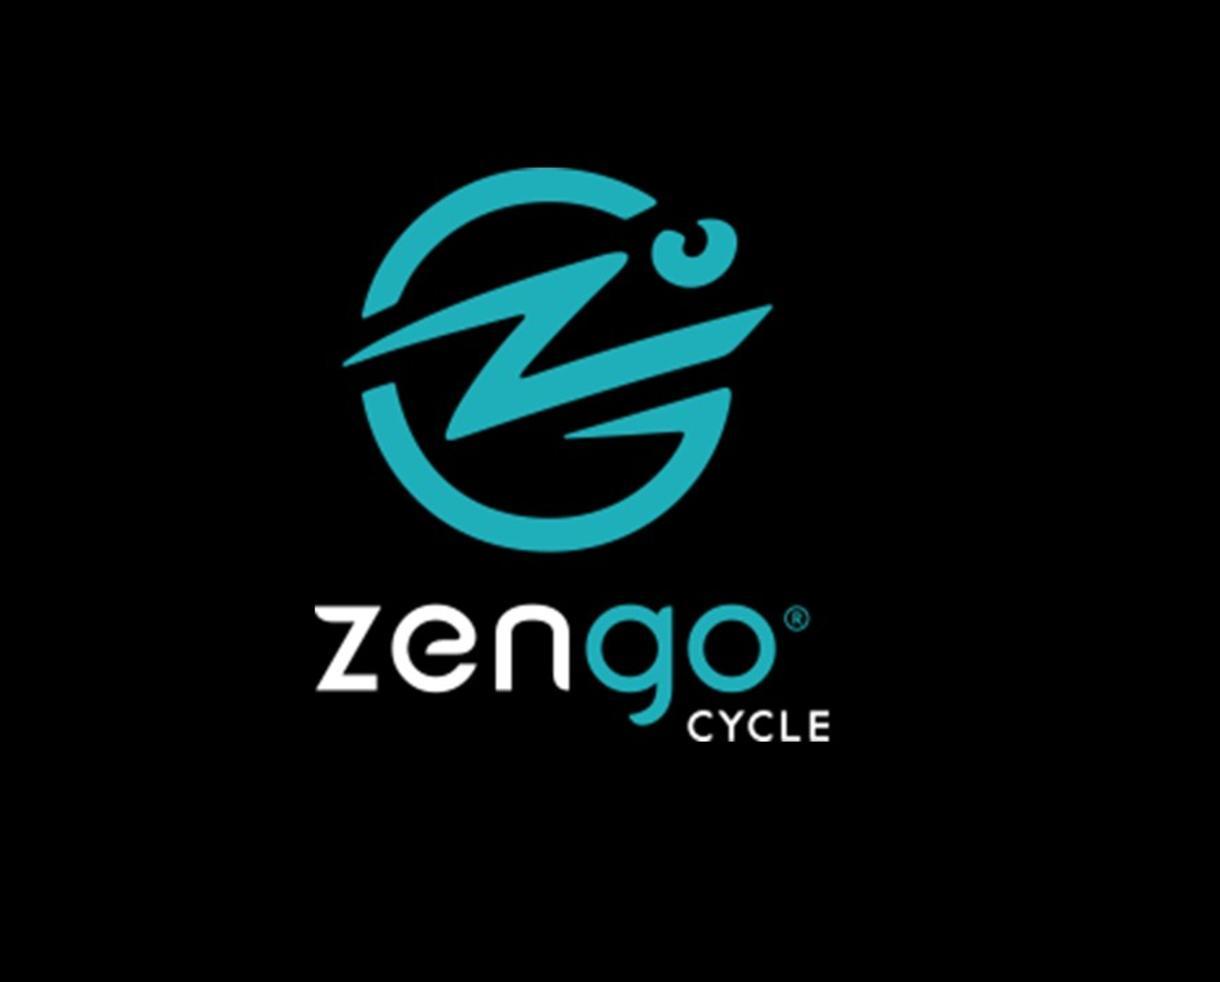 zengo-charity-ride